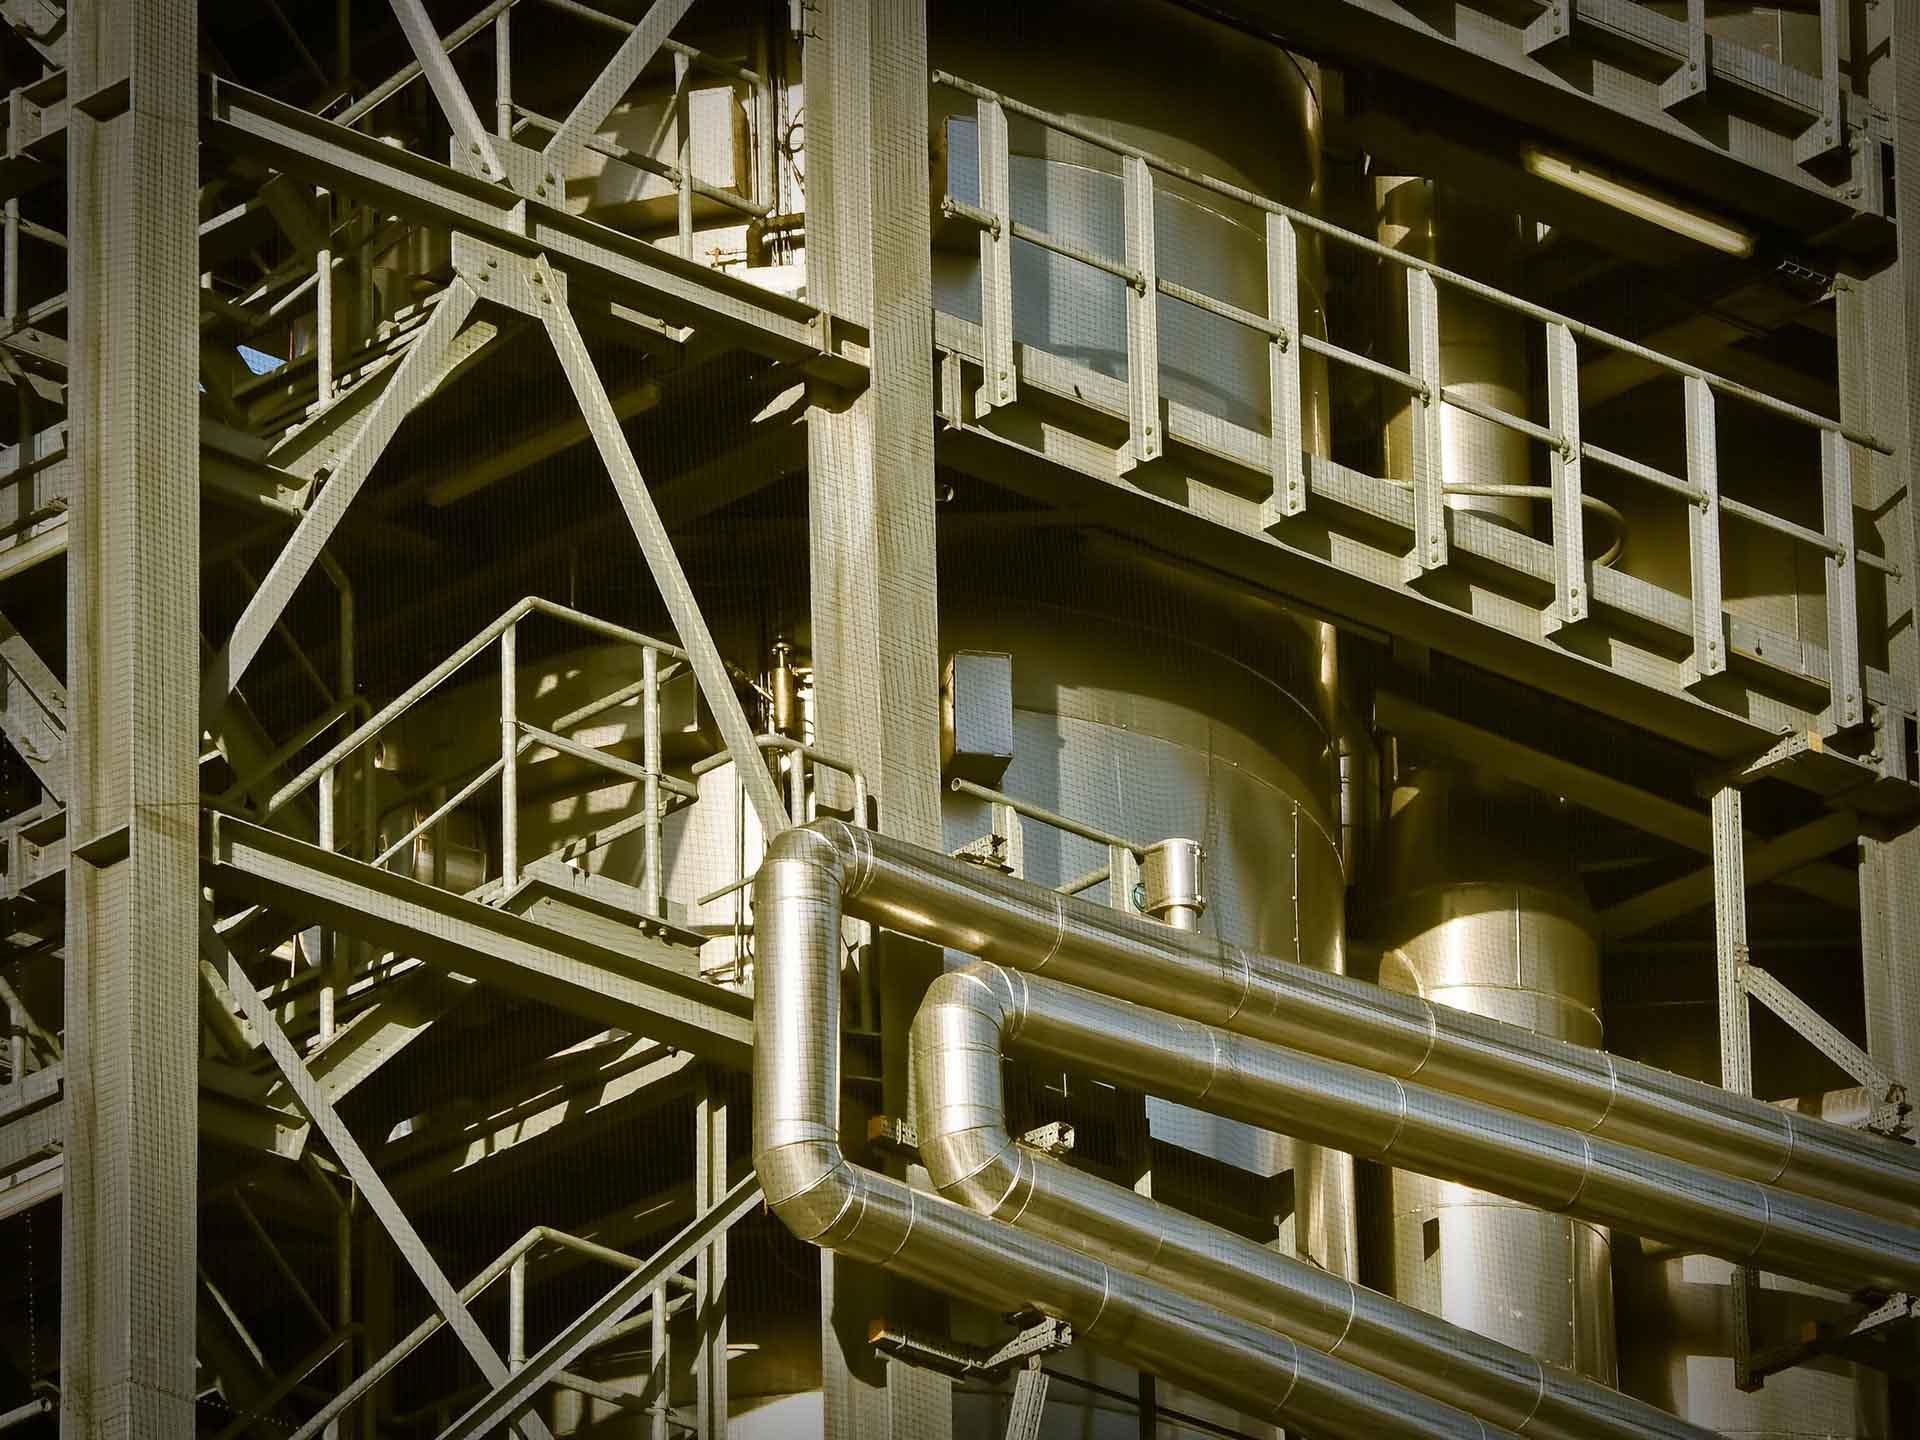 manutenzione straordinaria impianti industriali